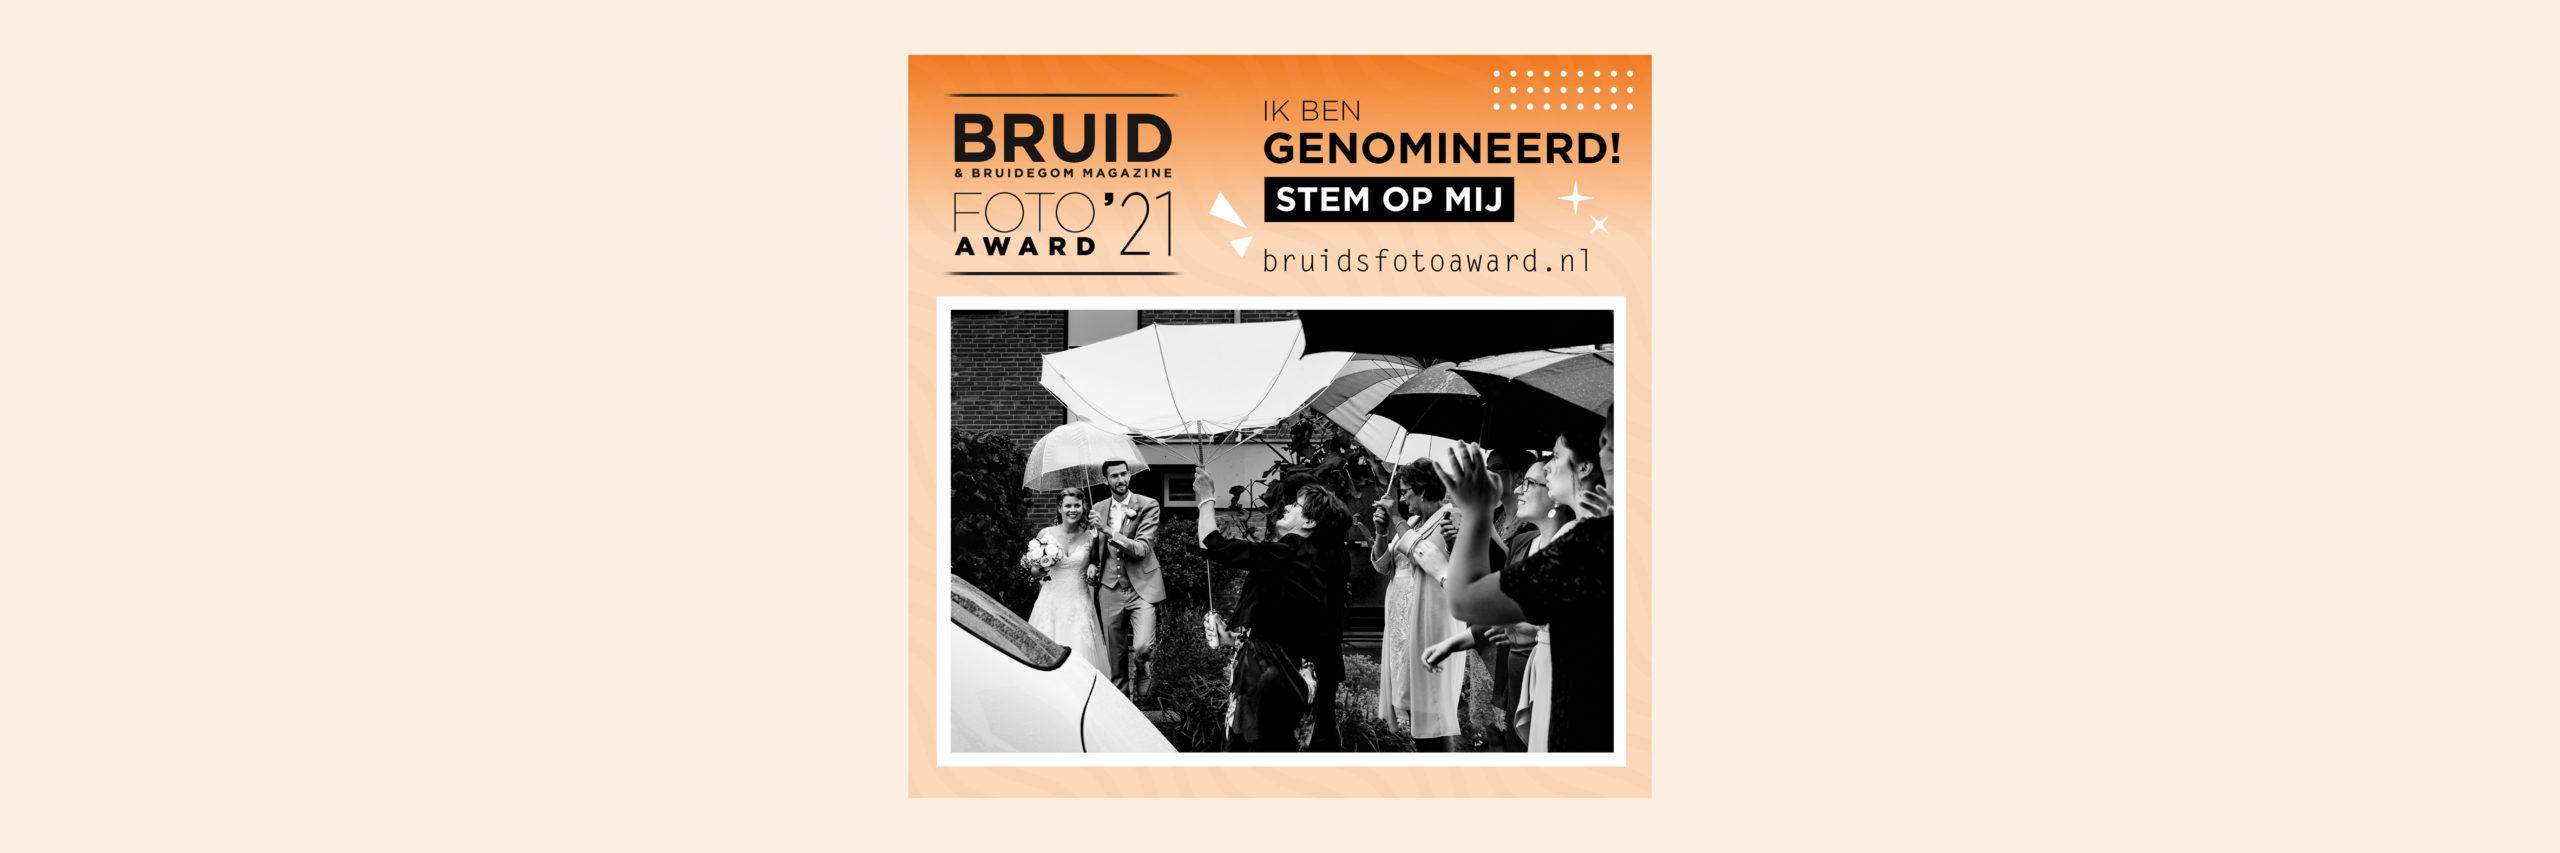 Briljant Bruidsfotografie Bruidsfoto Award